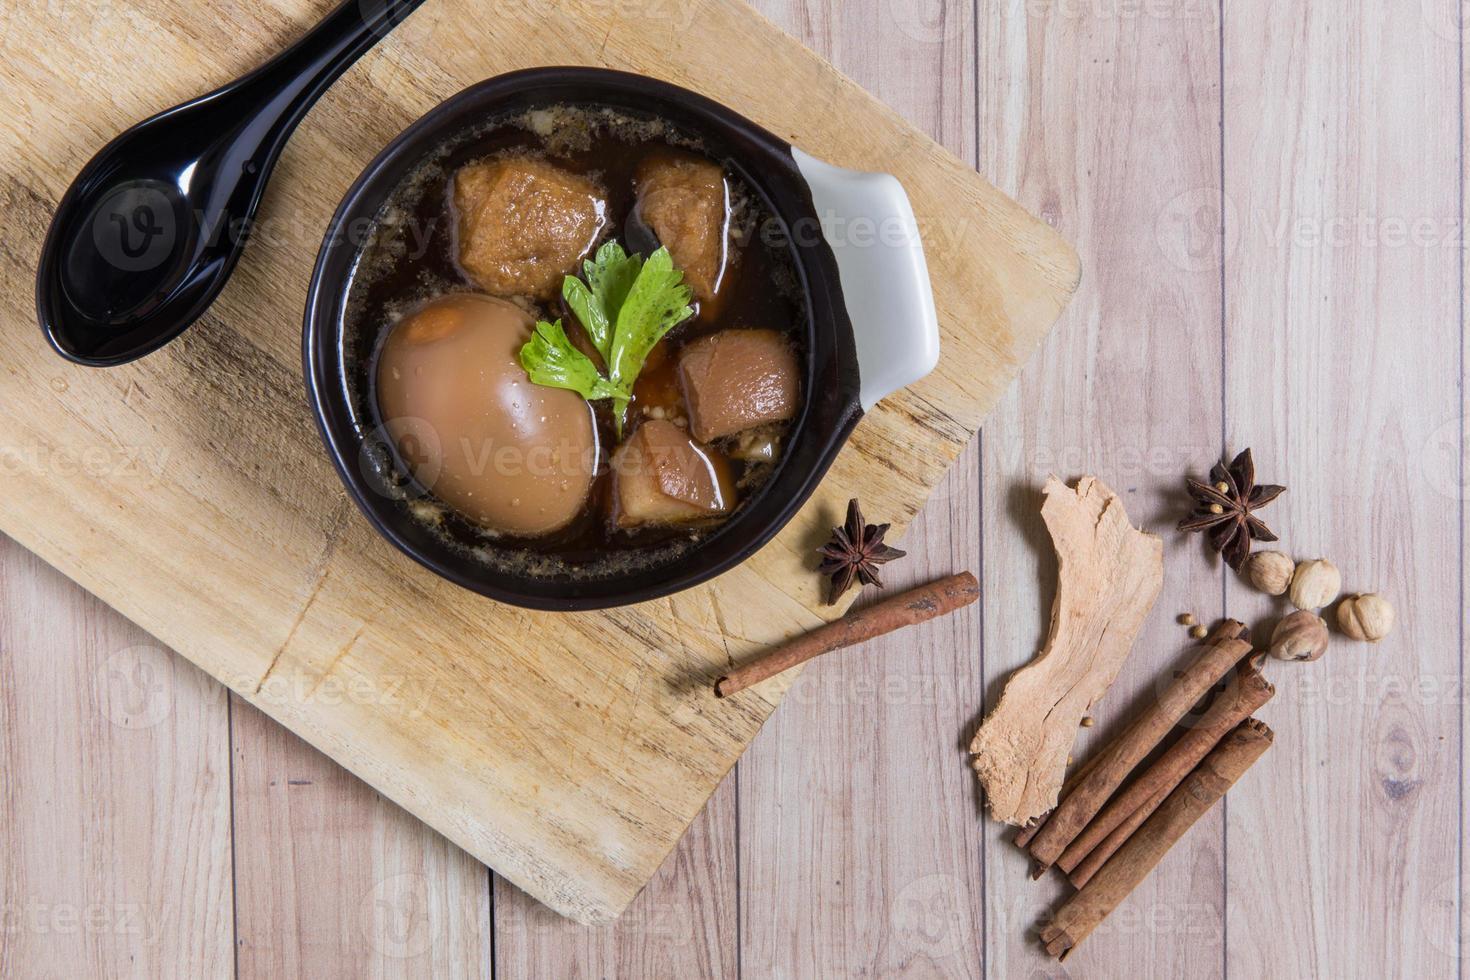 comida tailandesa: huevo guisado con carne de cerdo y tofu foto